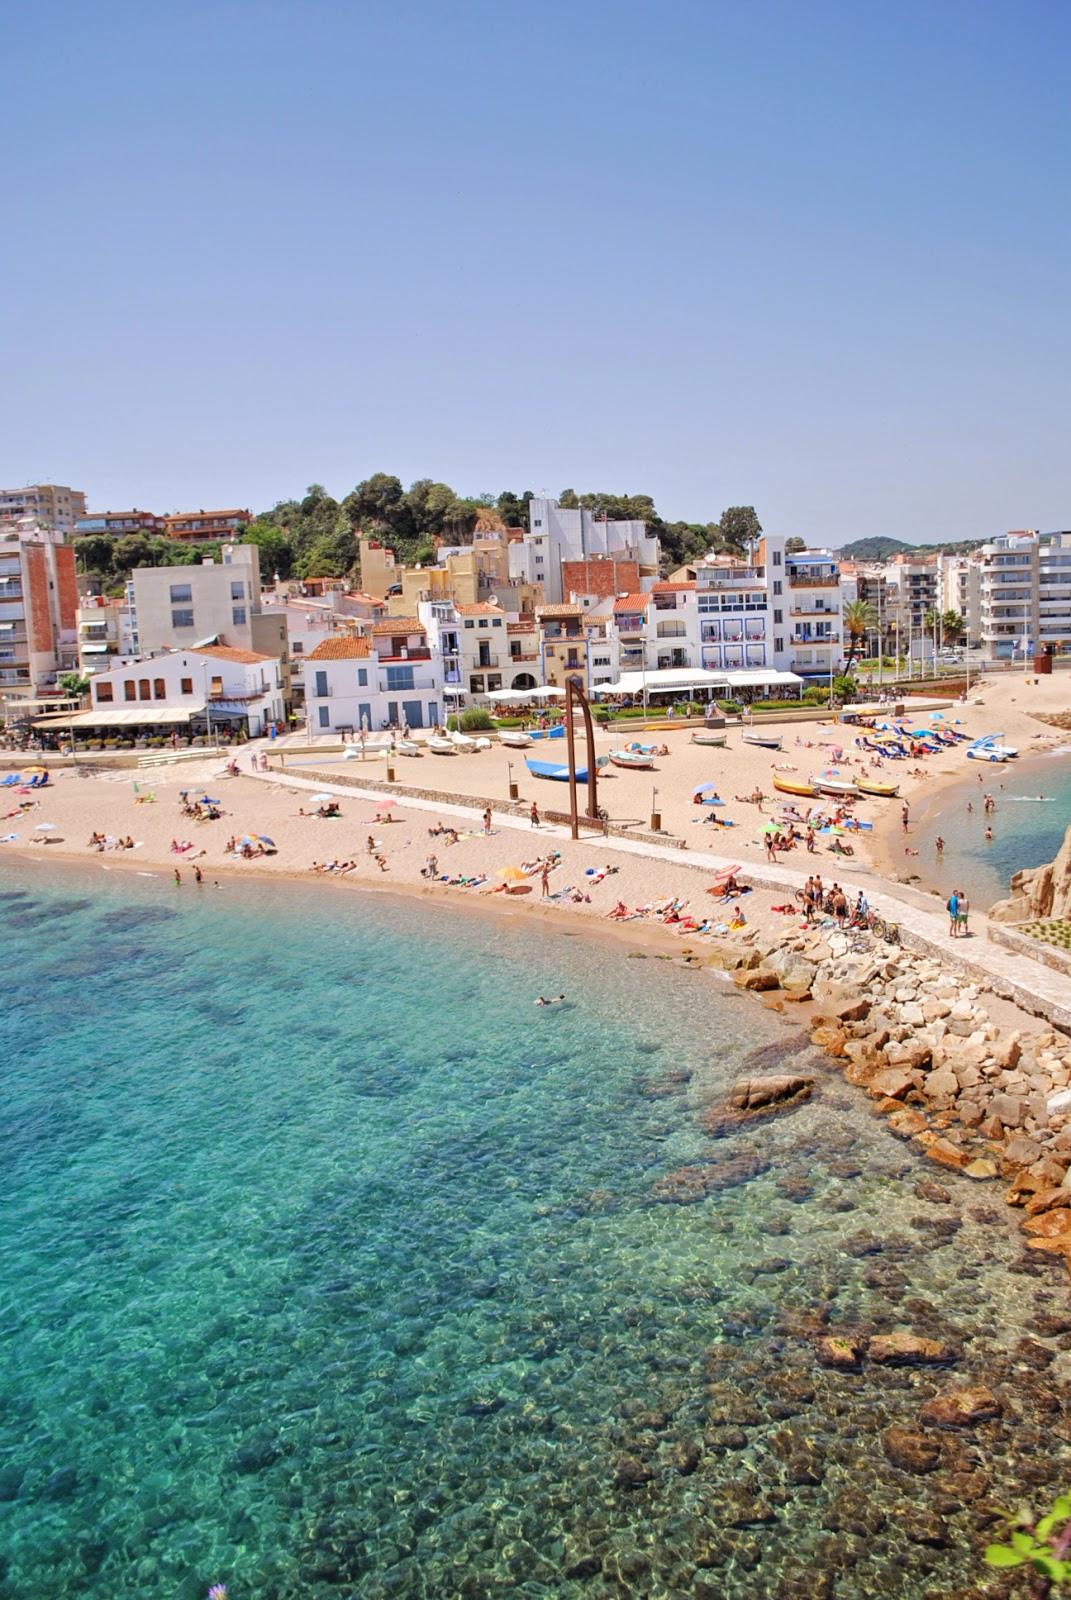 Бланес, вид на город со скалы в море. Коста Брава, Каталония, Испания.